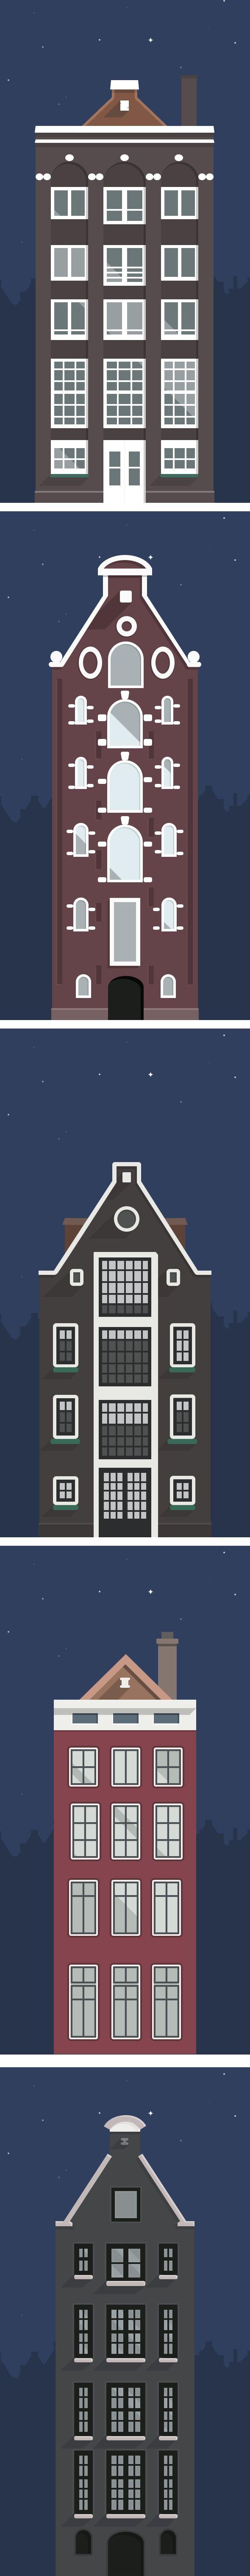 http://www.behance.net/gallery/Amsterdams-Buildings-Illustration/7327327